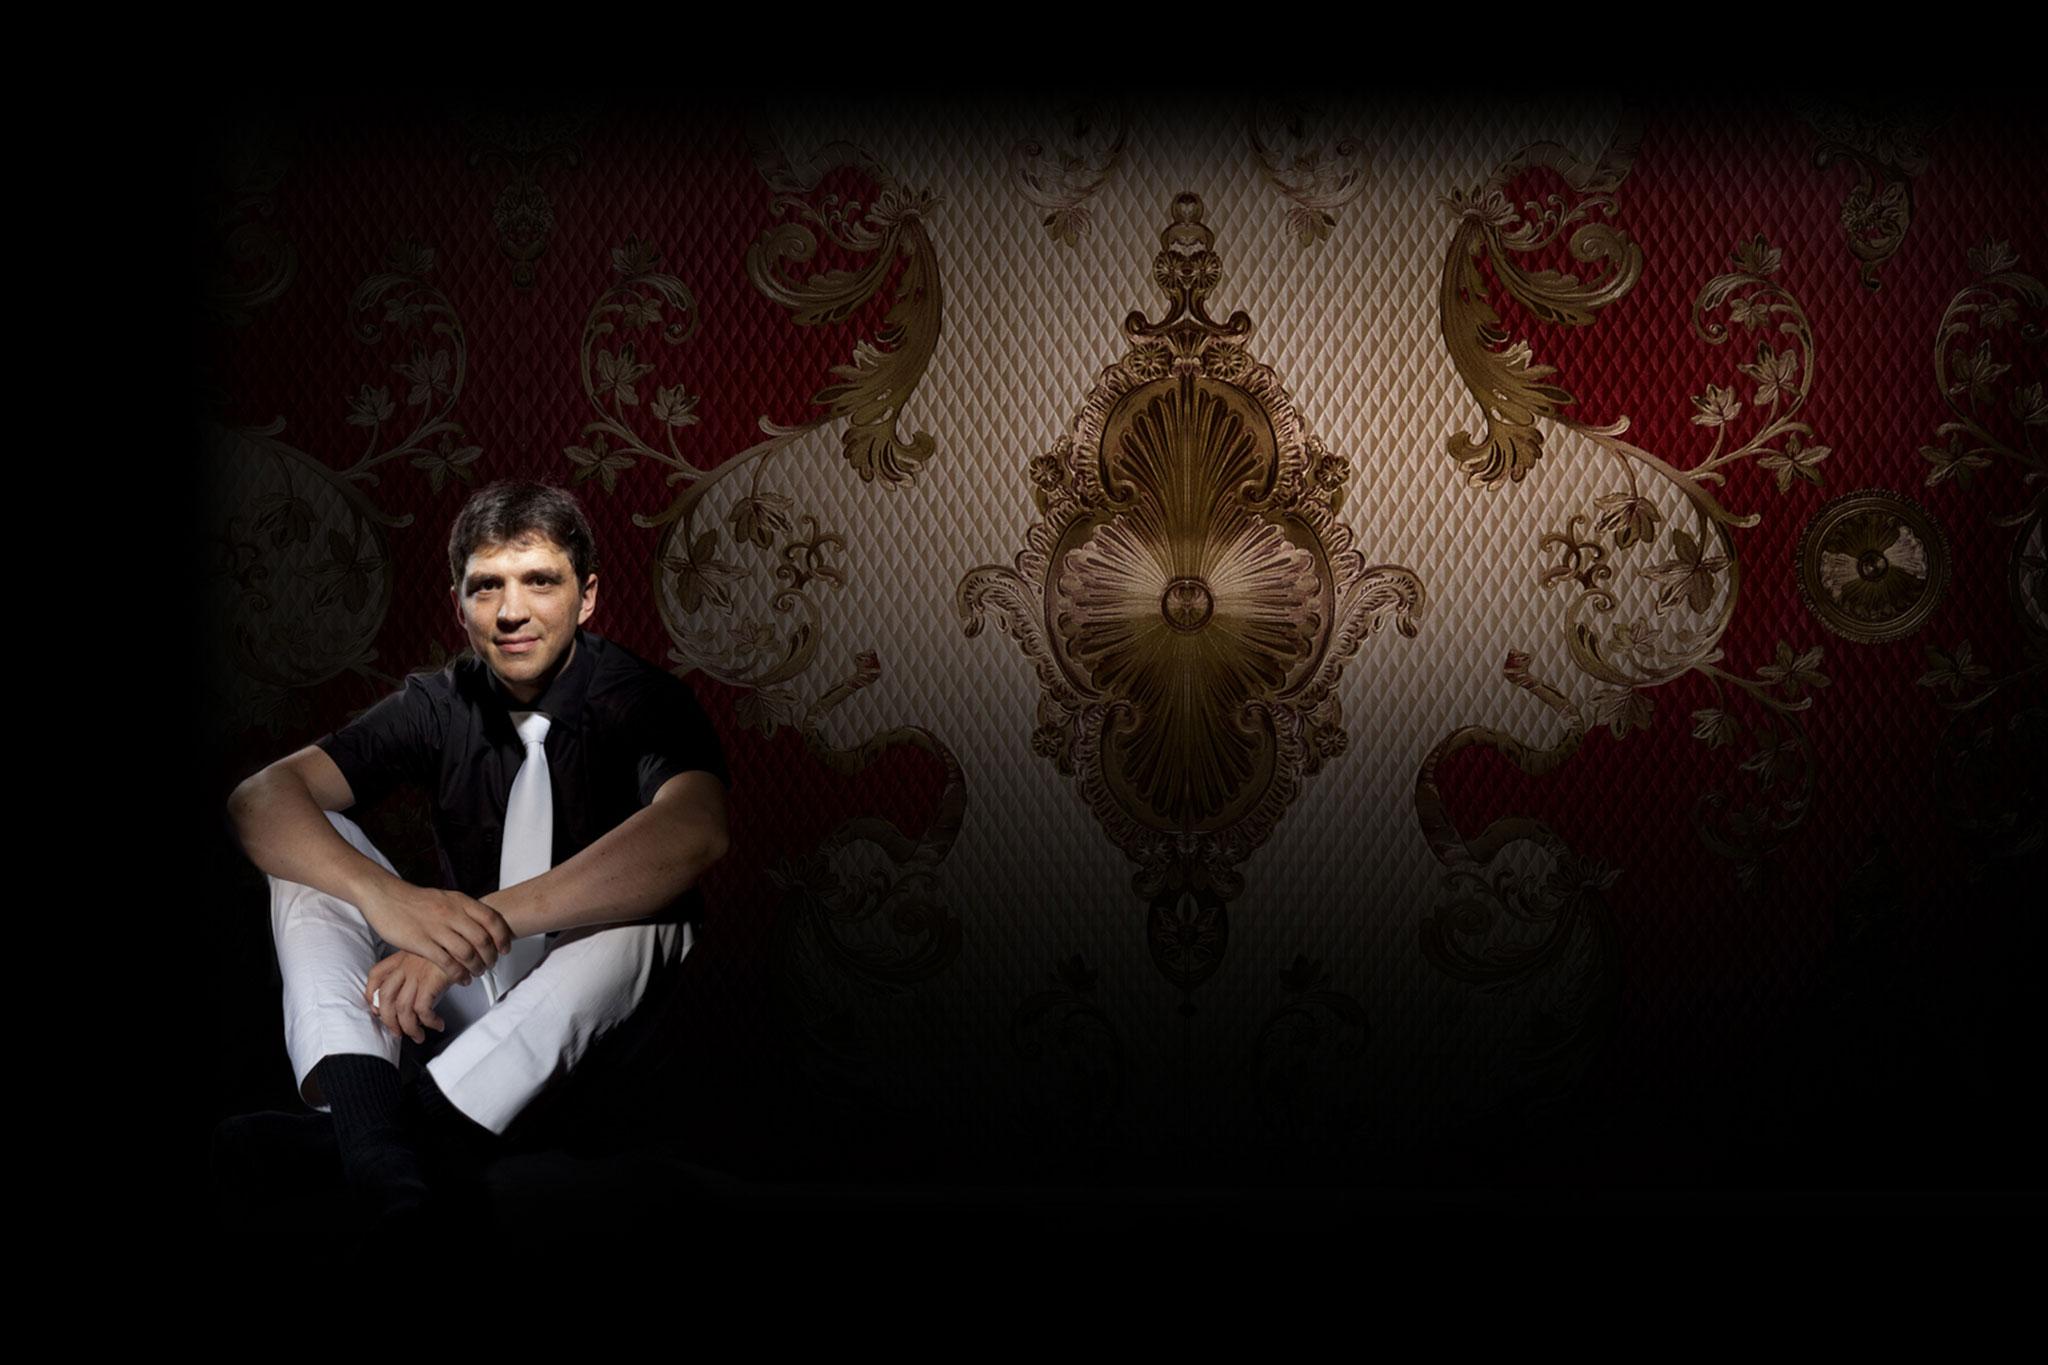 Neuigkeiten über diesen Zauberer. Erfahren Sie, wo Sie sich vom Zauberer David Pricking verzaubern lassen können.